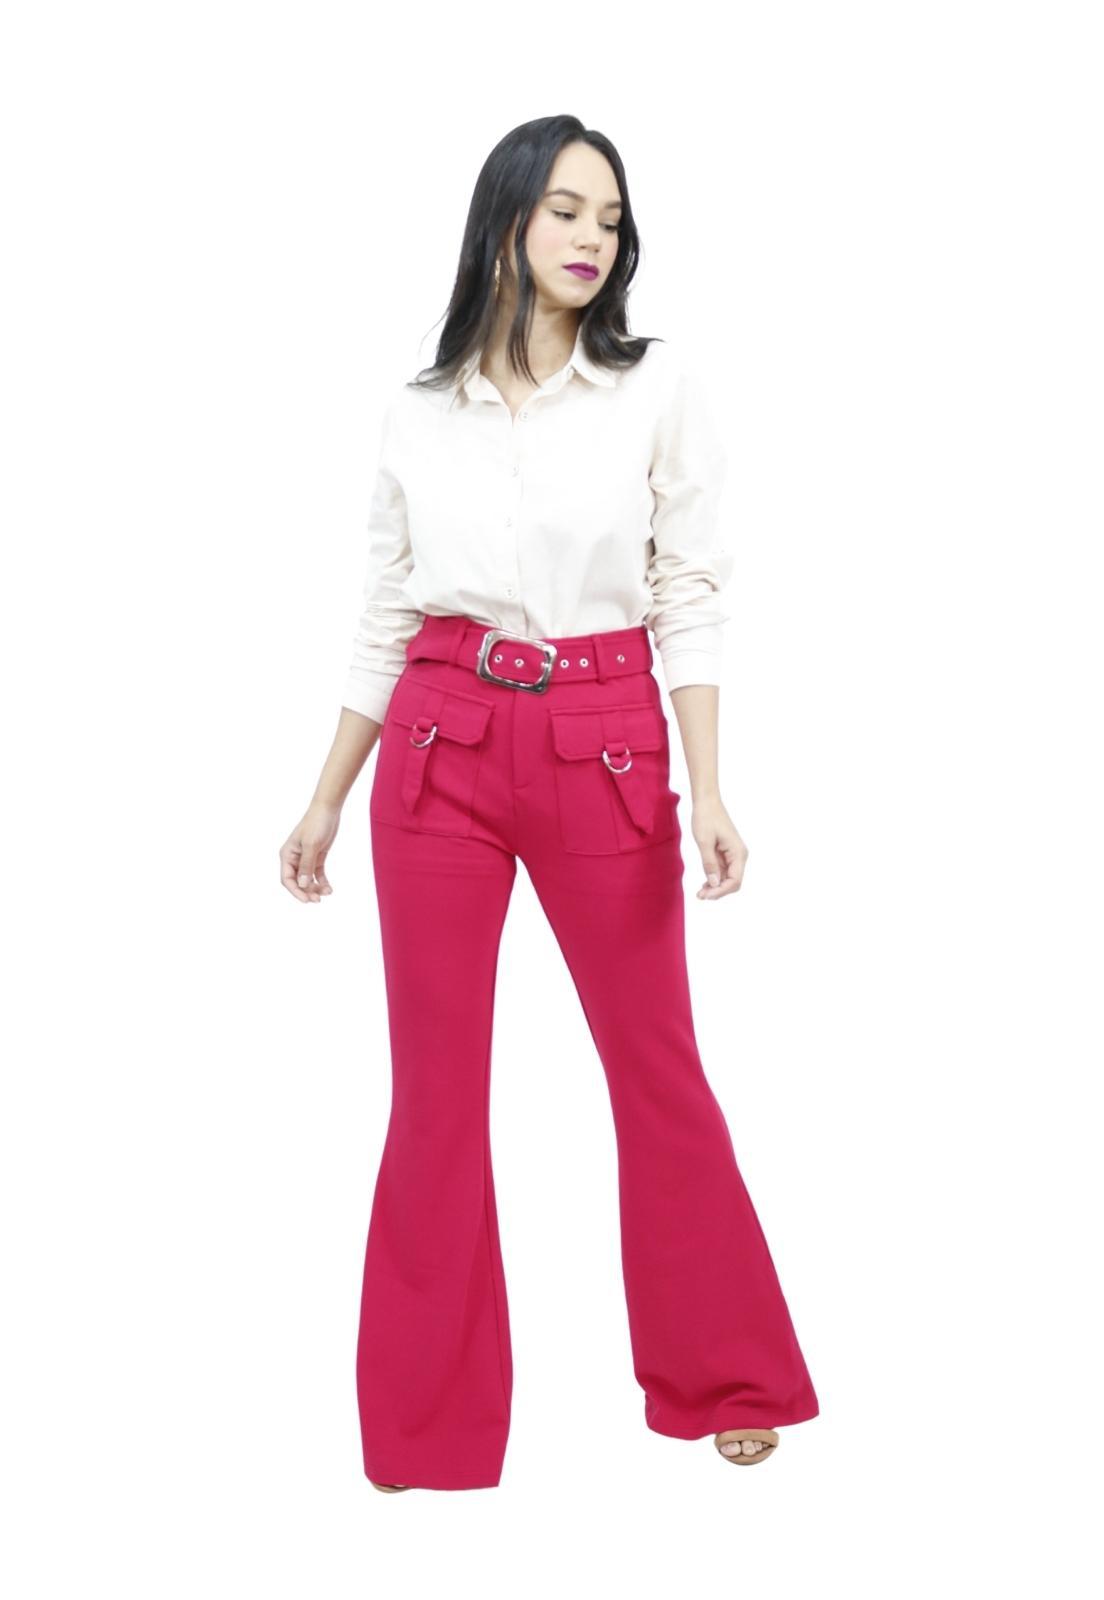 Calça Feminina Flare Elastano Com Cinto Removível Elegante